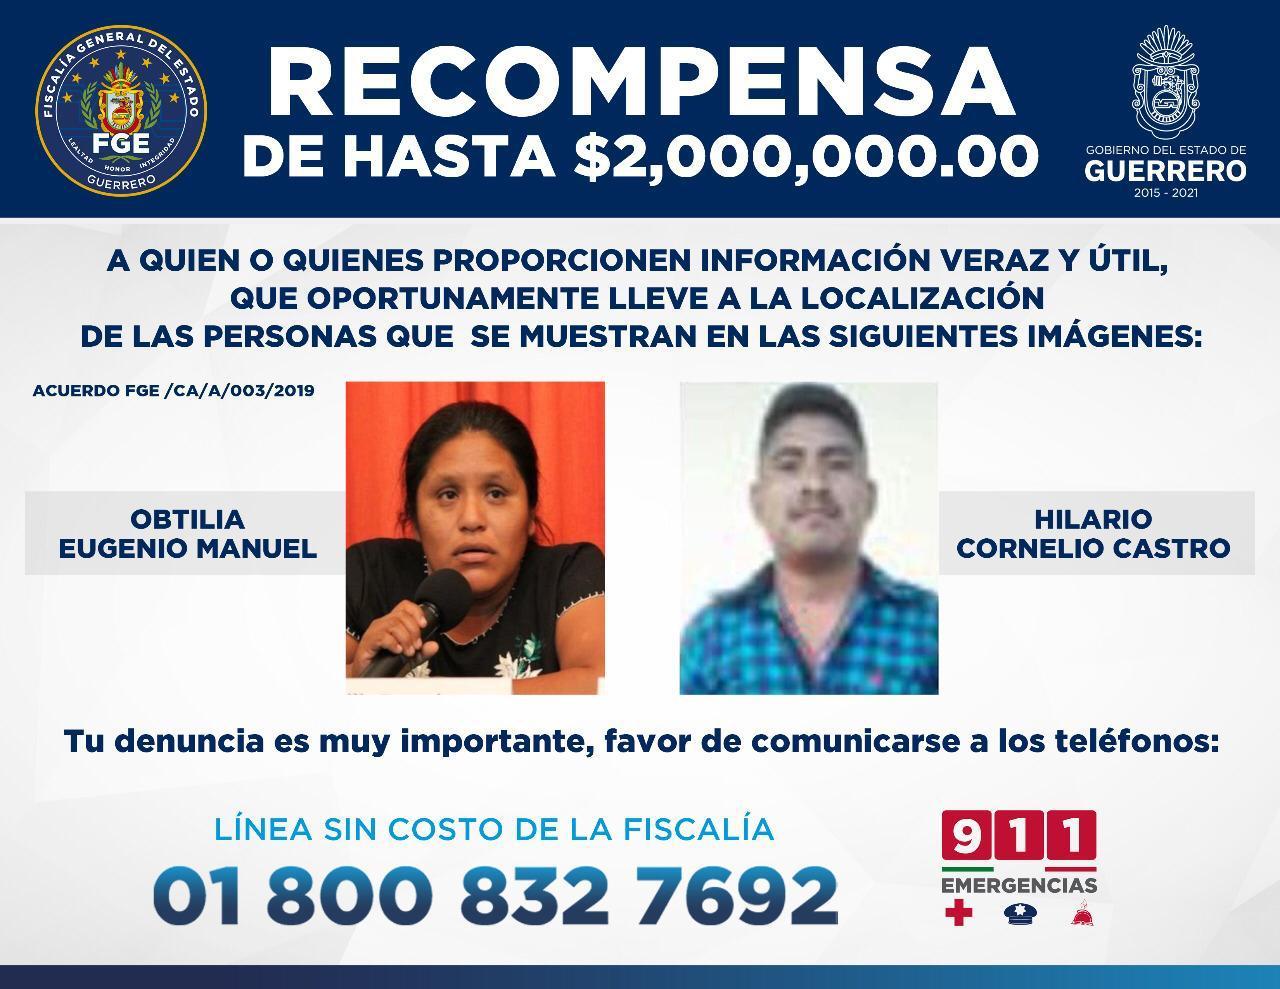 De 2 millones, la recompensa que ofrece la Fiscalía para localizar a Obtilia e Hilario